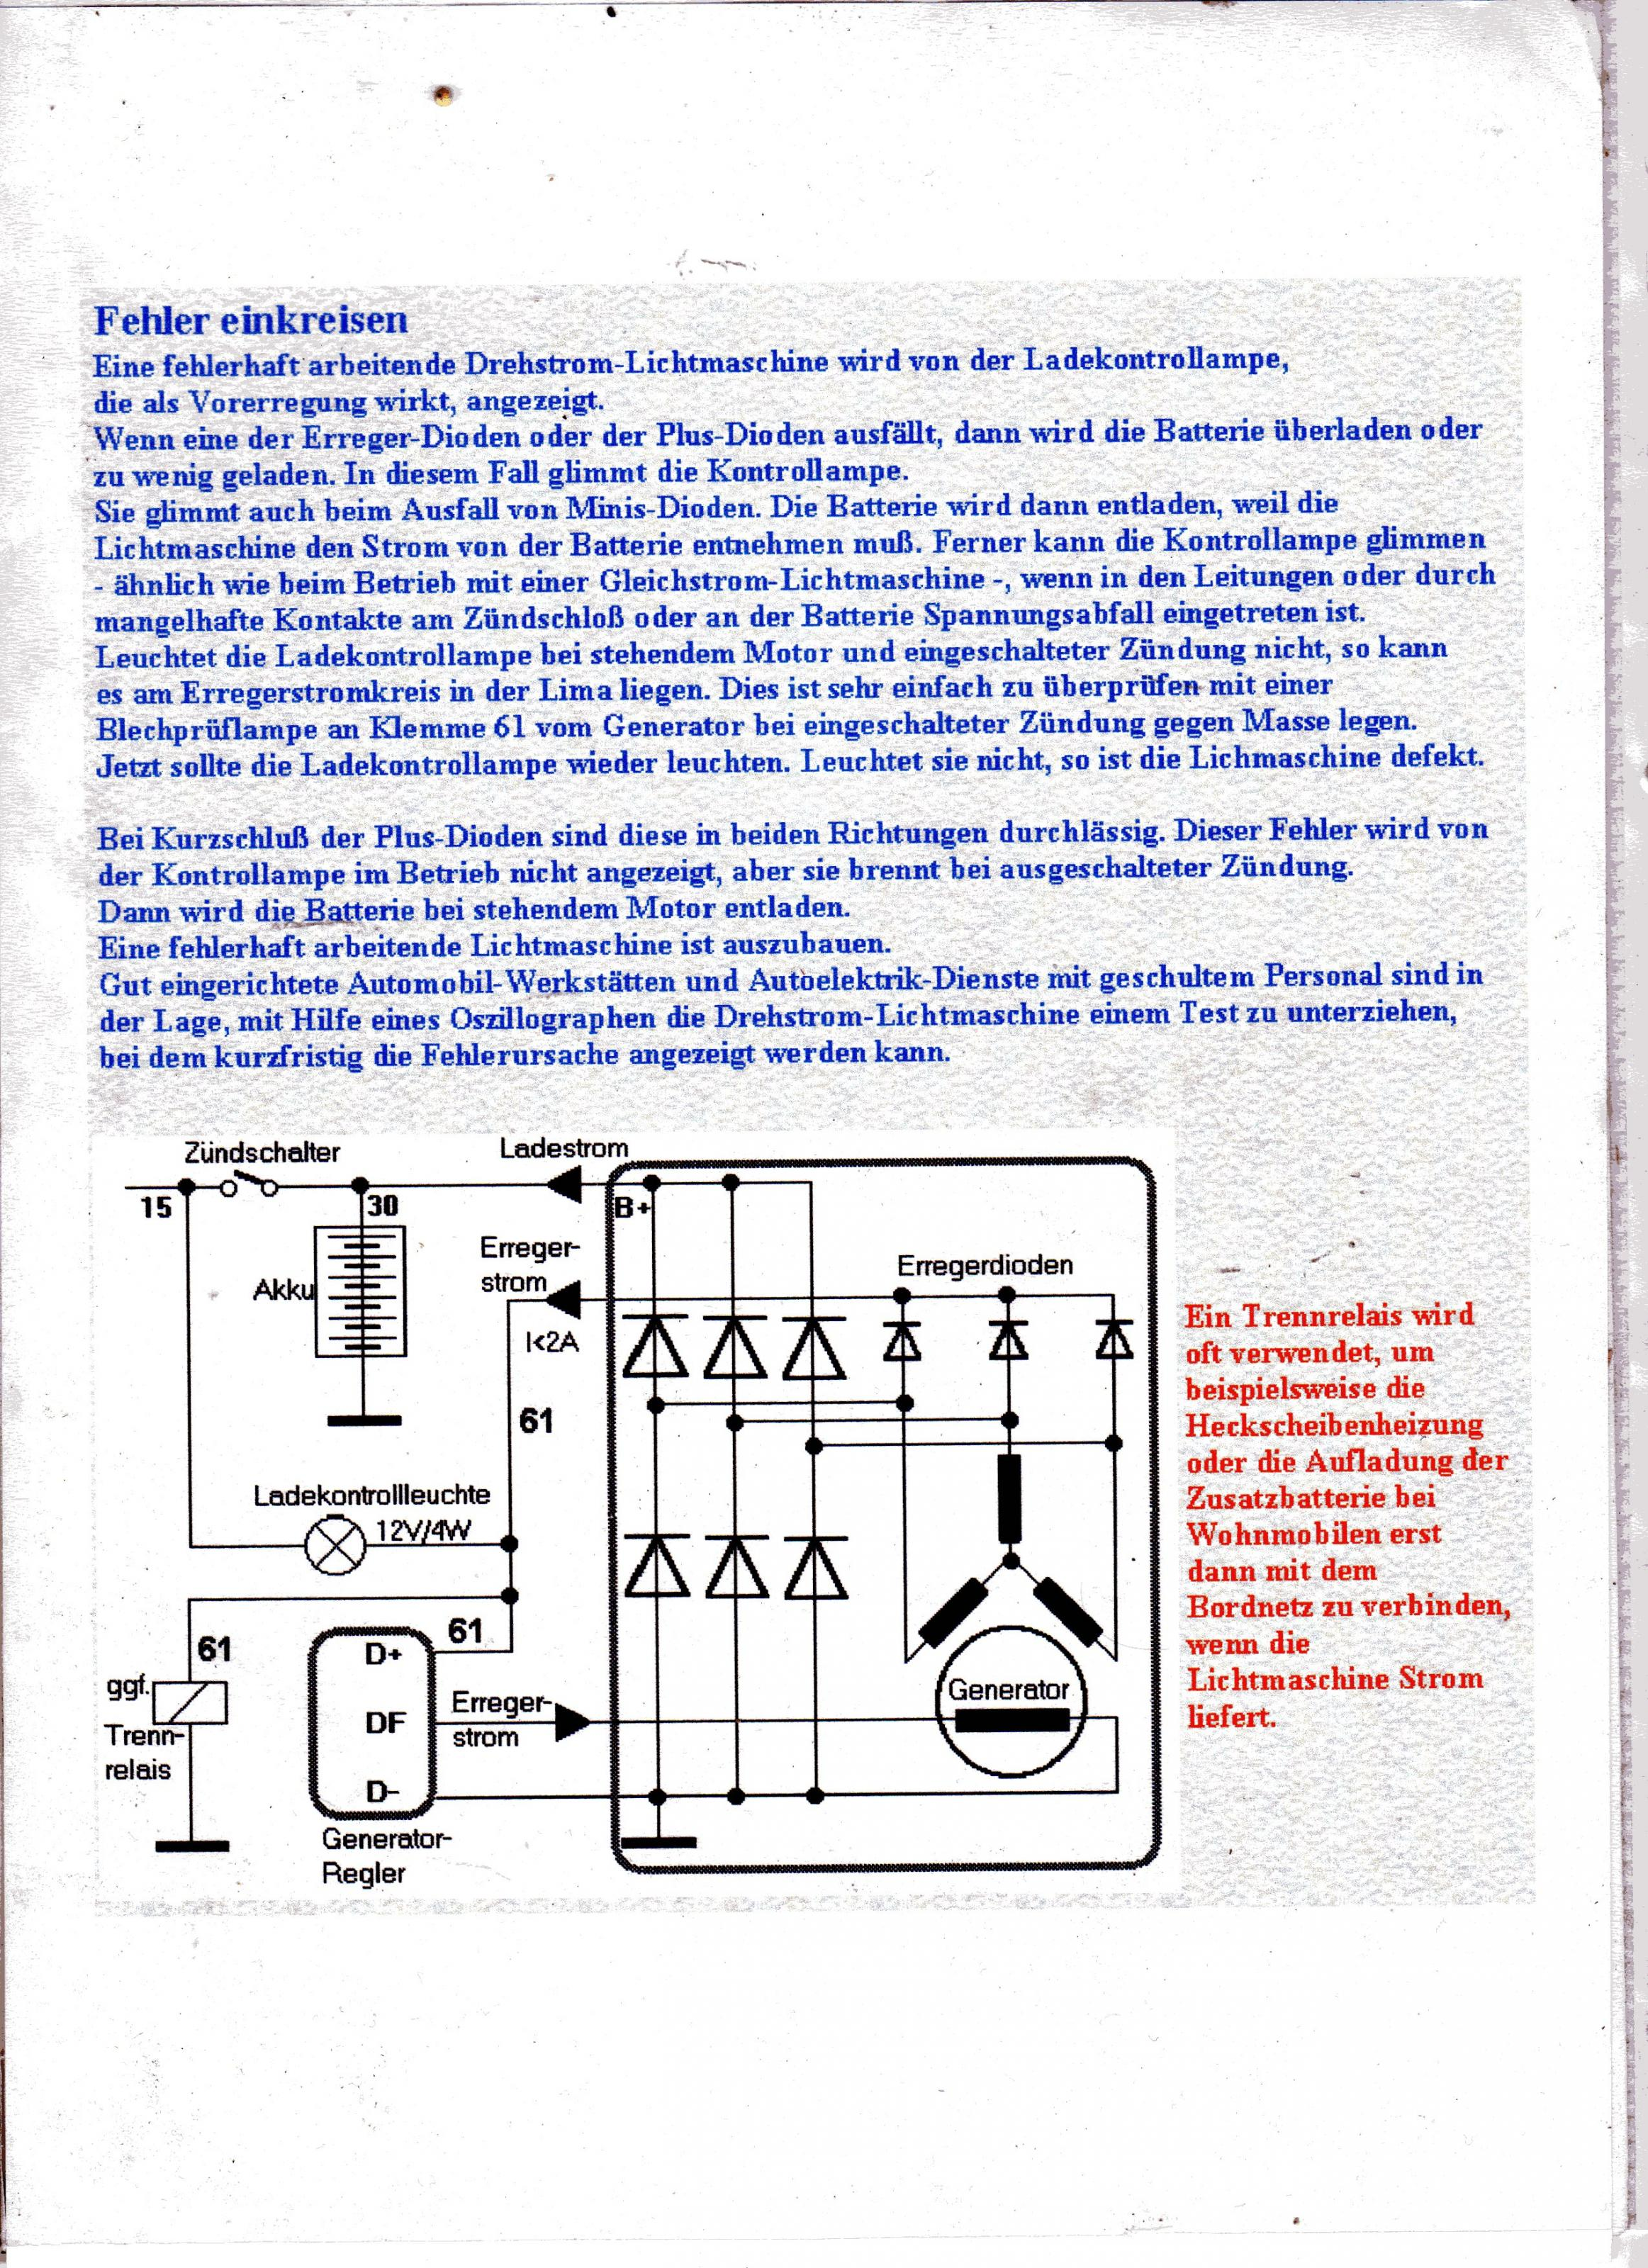 lichtmaschine-1056.jpg